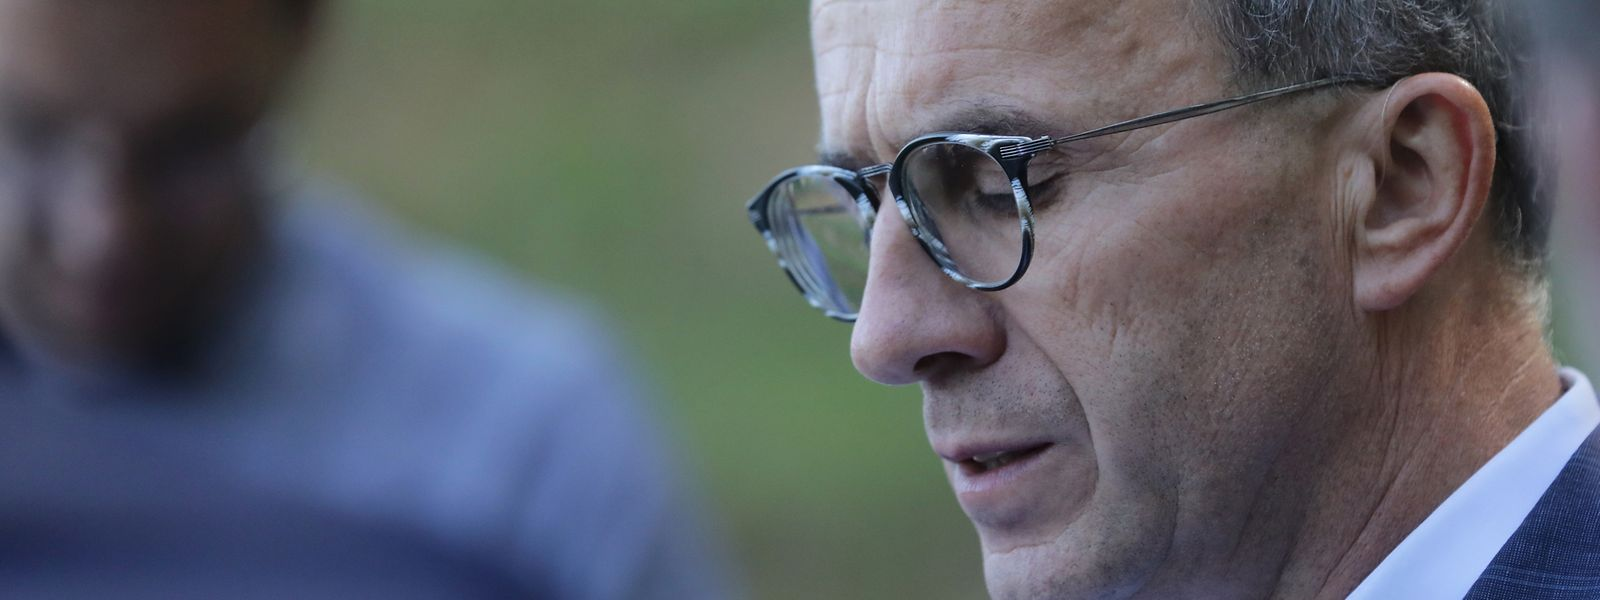 Roberto Traversini erklärte sich am 18. September 2019 vor der Presse. Zwei Tage danach trat er zurück.